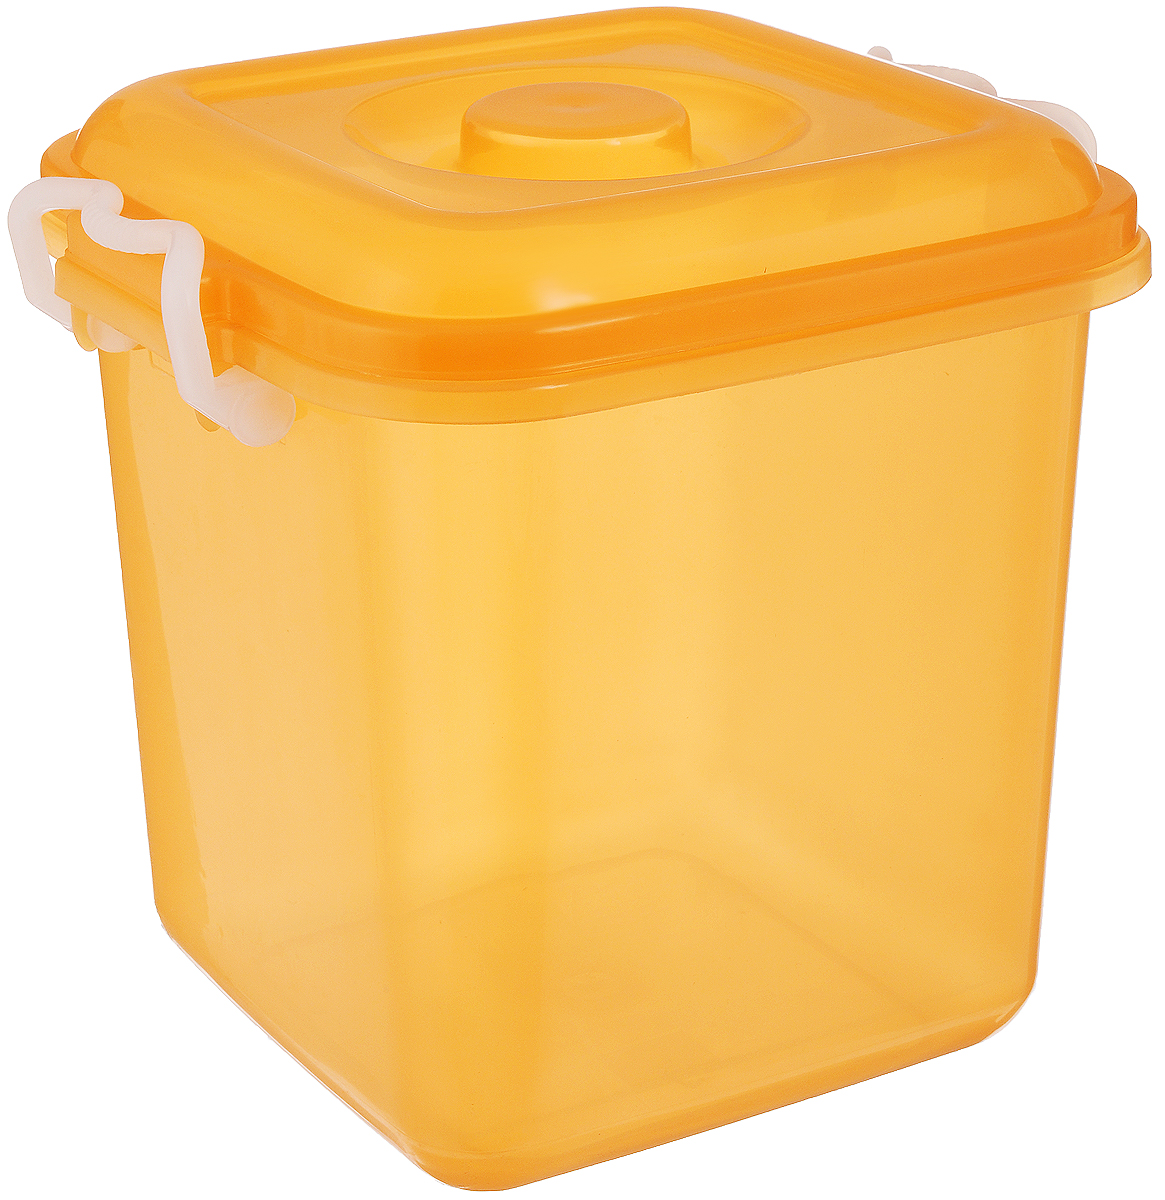 Контейнер для хранения Idea Океаник, цвет: оранжевый, 10 лМ 2857Контейнер Idea Океаник, выполненный из высококачественного пищевого полипропилена, предназначен для хранения различных вещей. Он снабжен плотно закрывающейся крышкой со специальными боковыми фиксаторами.Вместительный контейнер позволит сохранить ваши вещи в порядке, а герметичная крышка предотвратит случайное открывание, а также защитит содержимое от пыли и грязи.